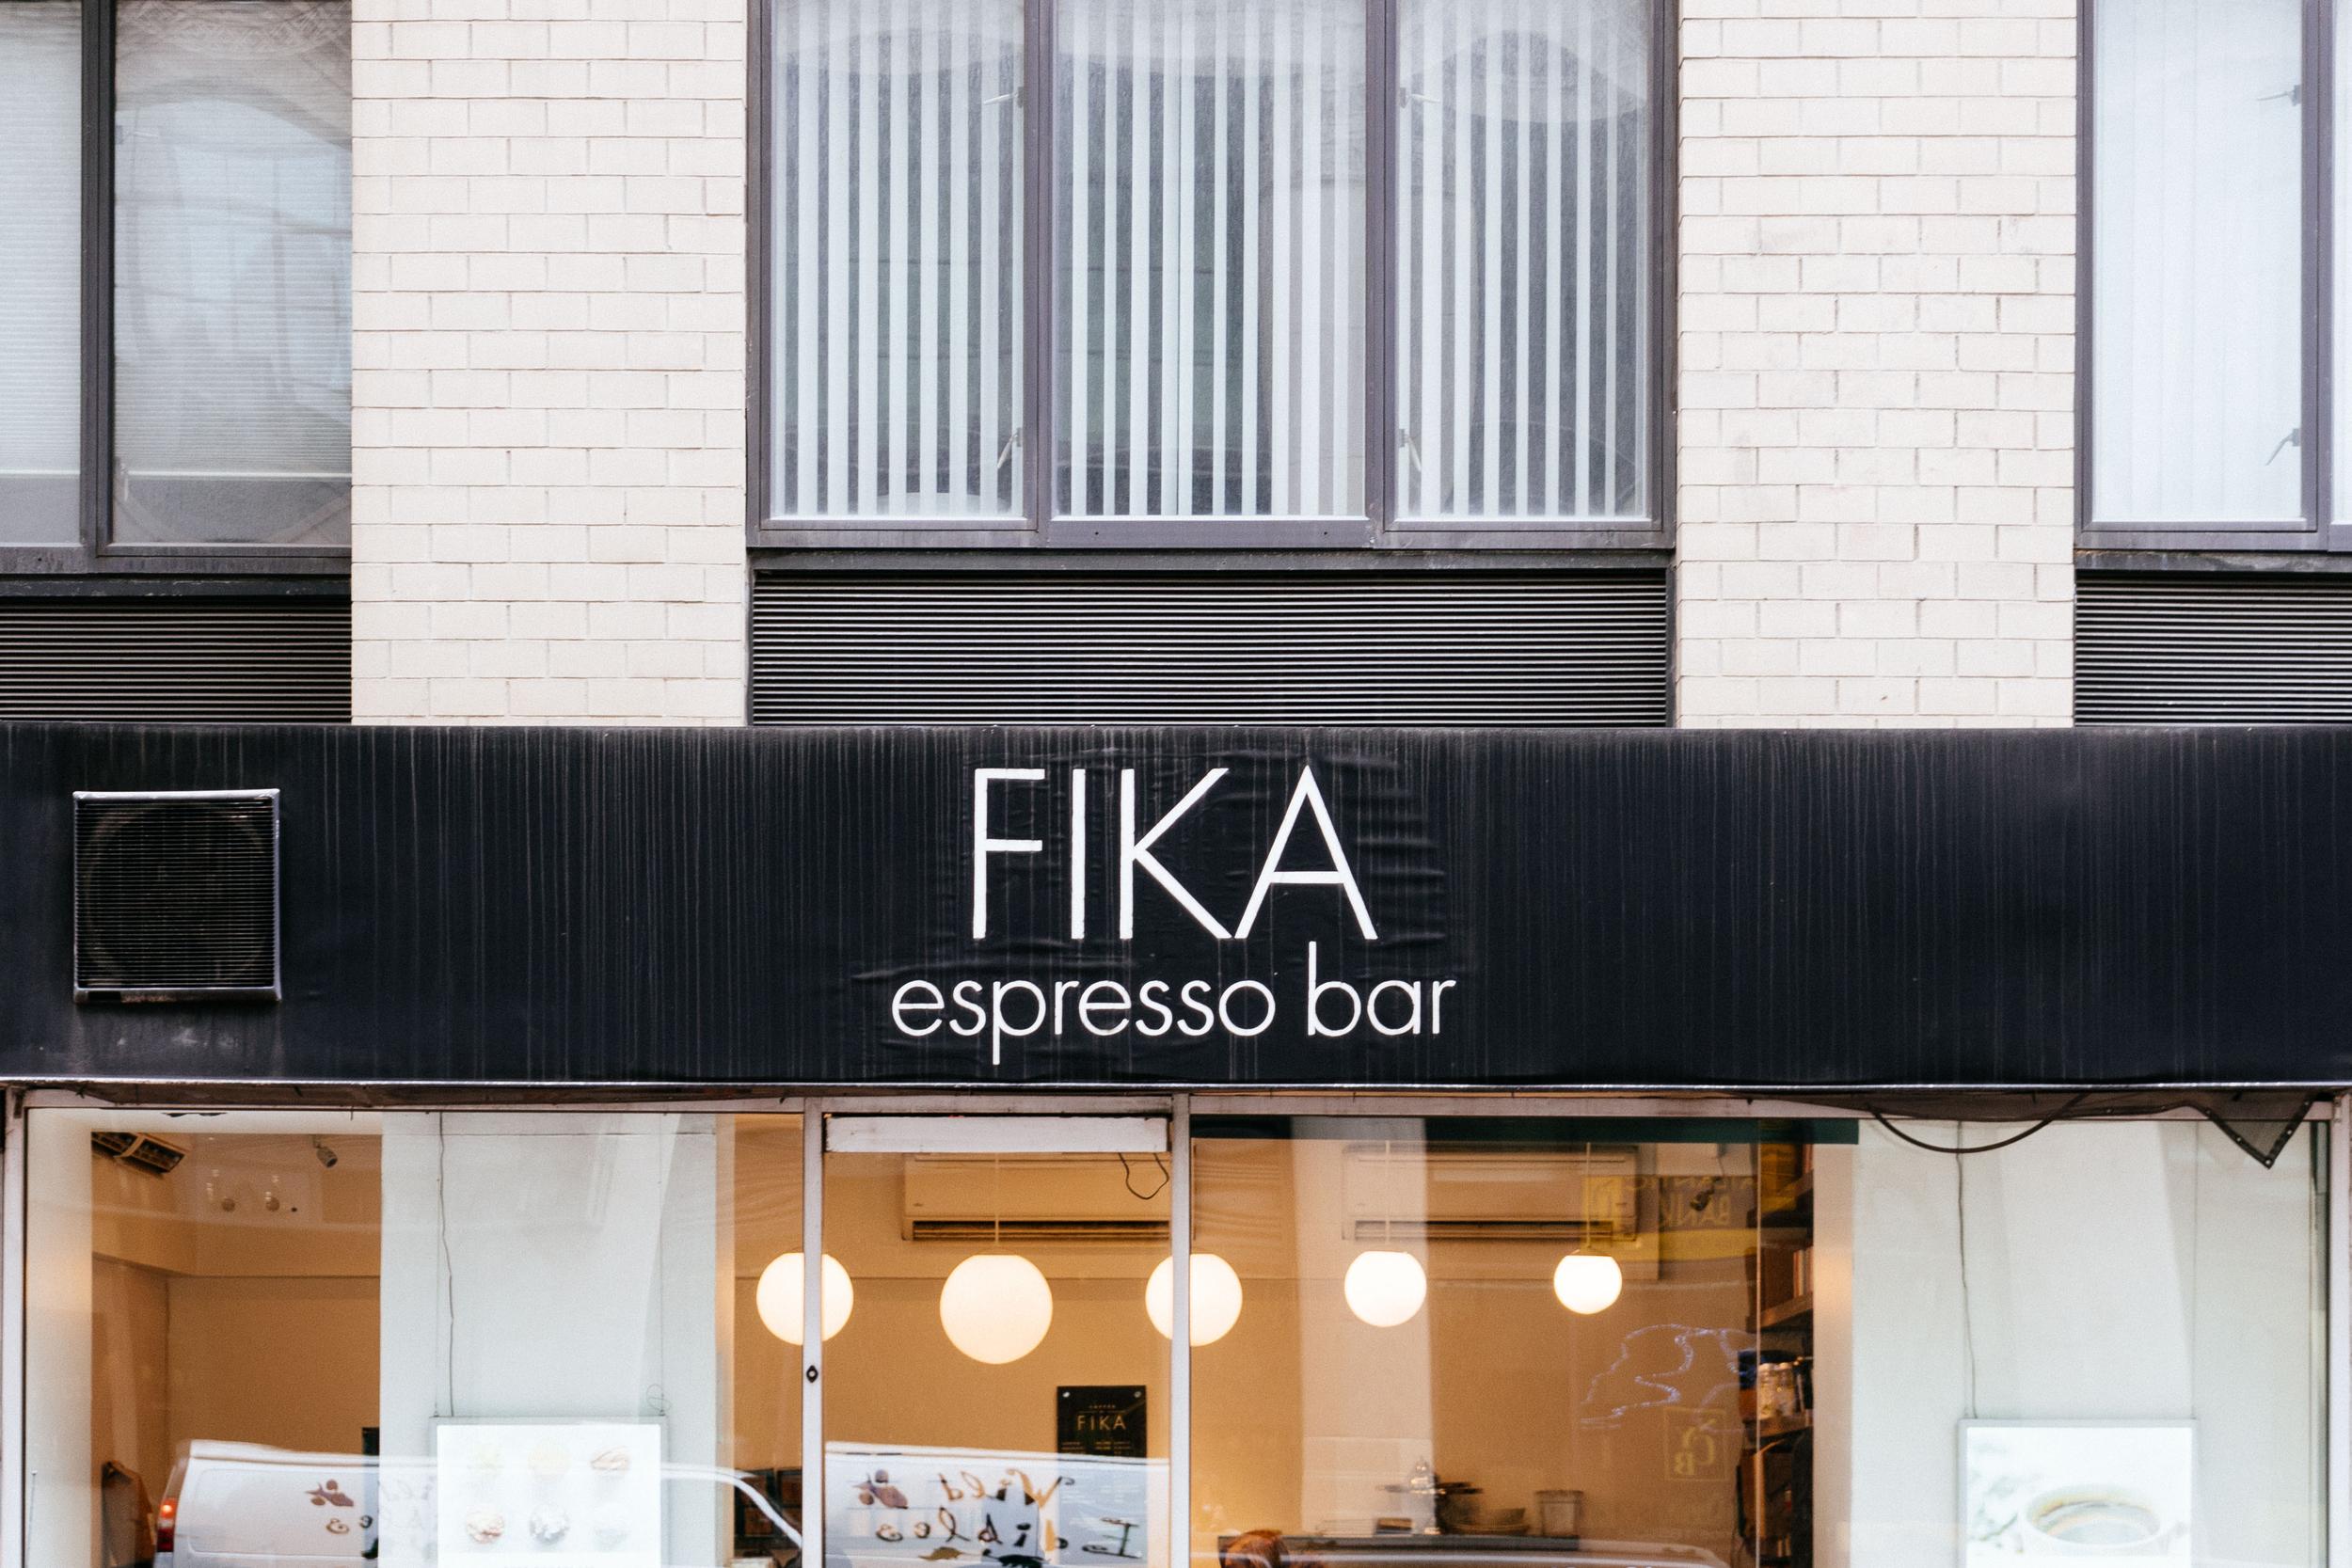 LeSycomore_coffee-shop-FIKA-esspresso-bar-1